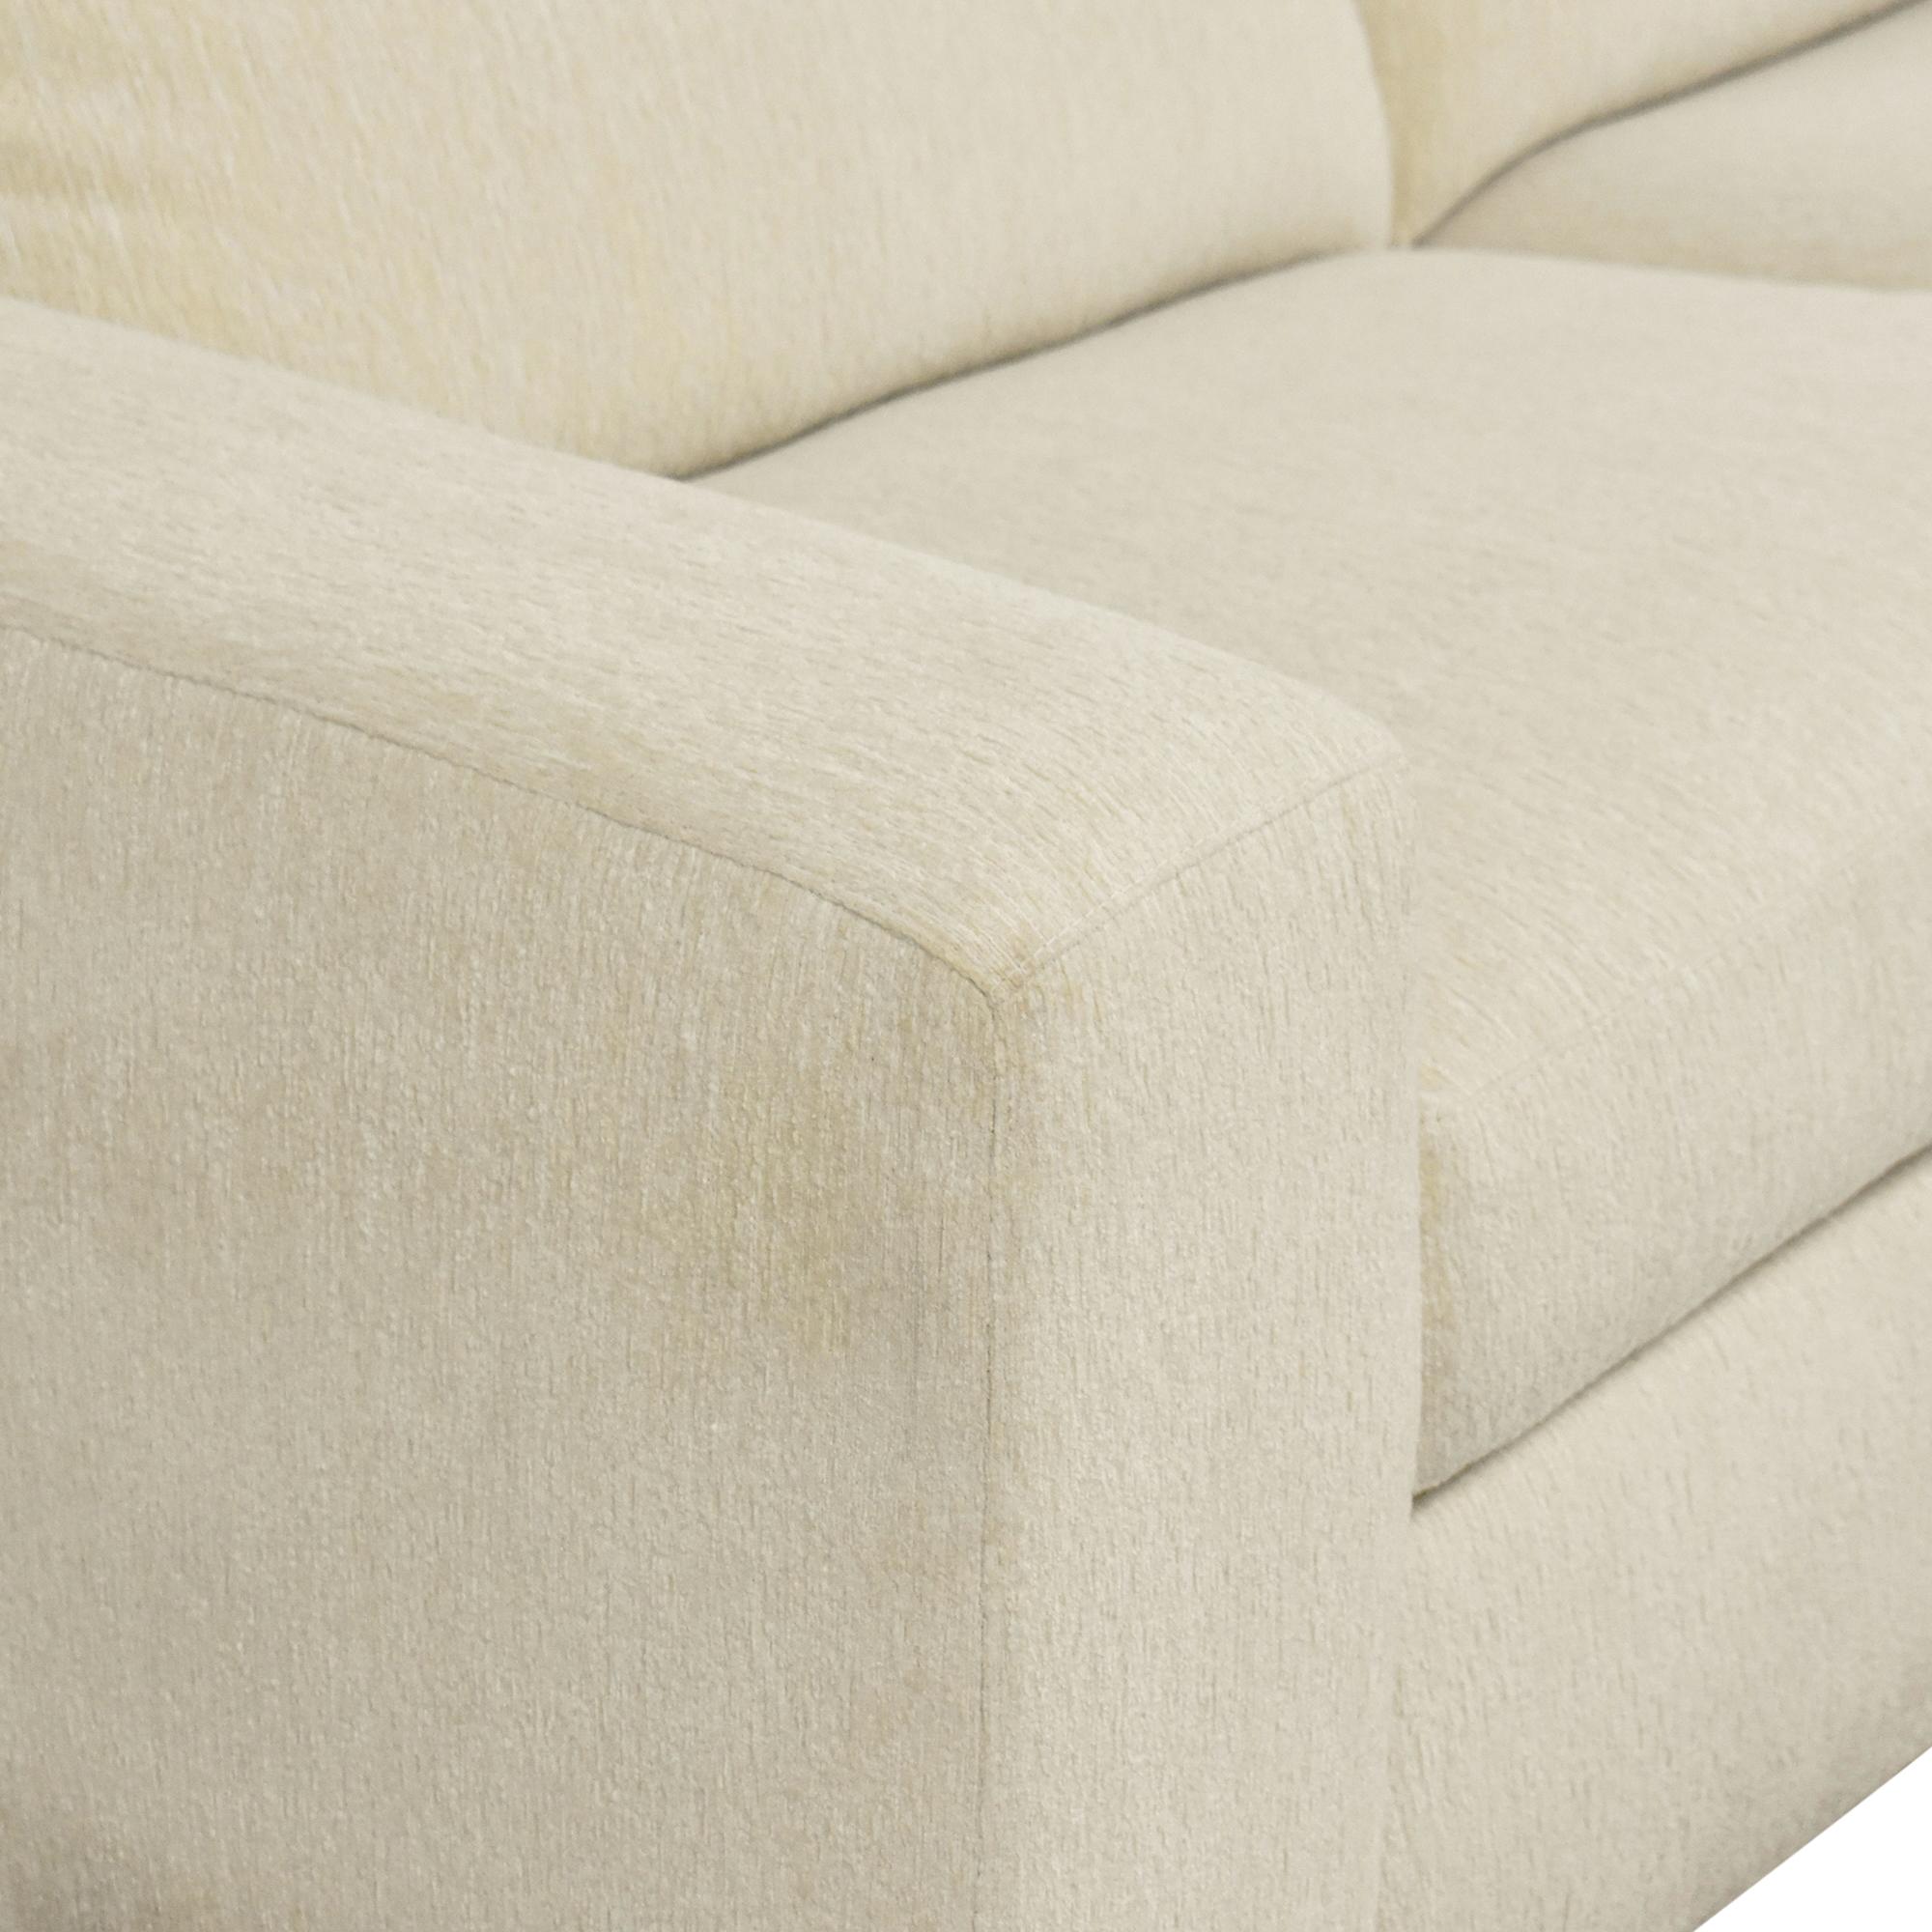 BenchMade Modern BenchMade Modern Couch Potato Sofa discount